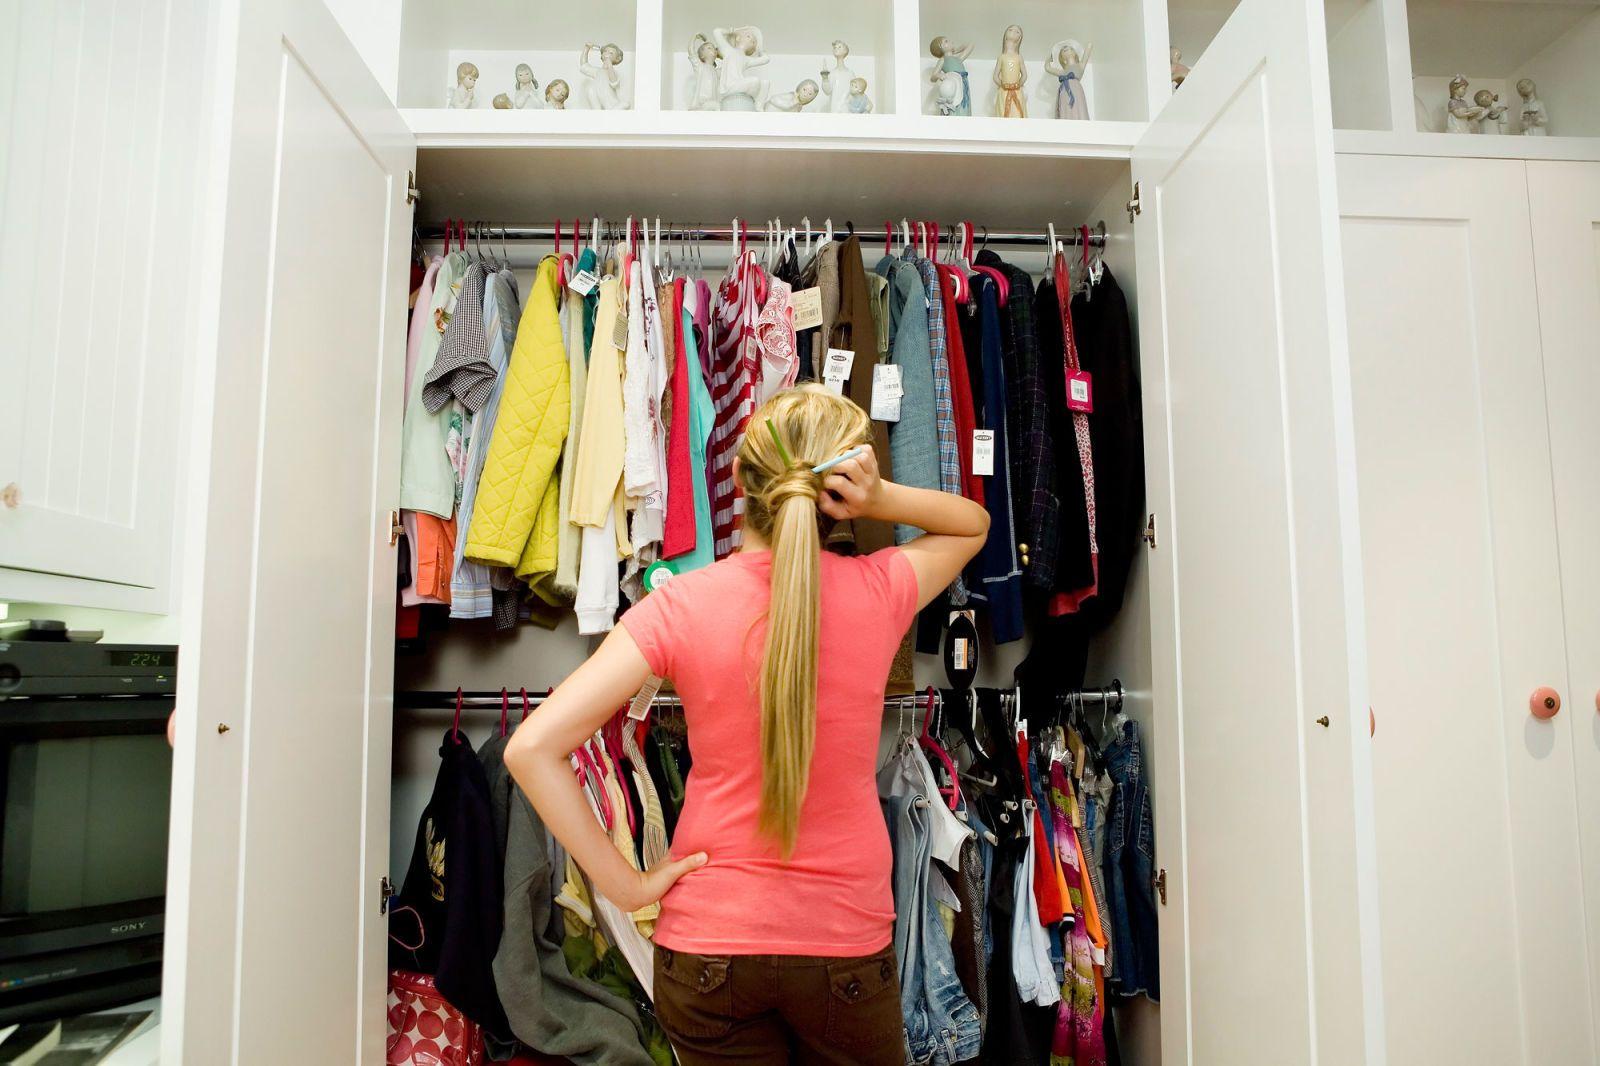 Non Riesco A Tenere In Ordine La Camera : Consigli per mettere in ordine l armadio senza stress